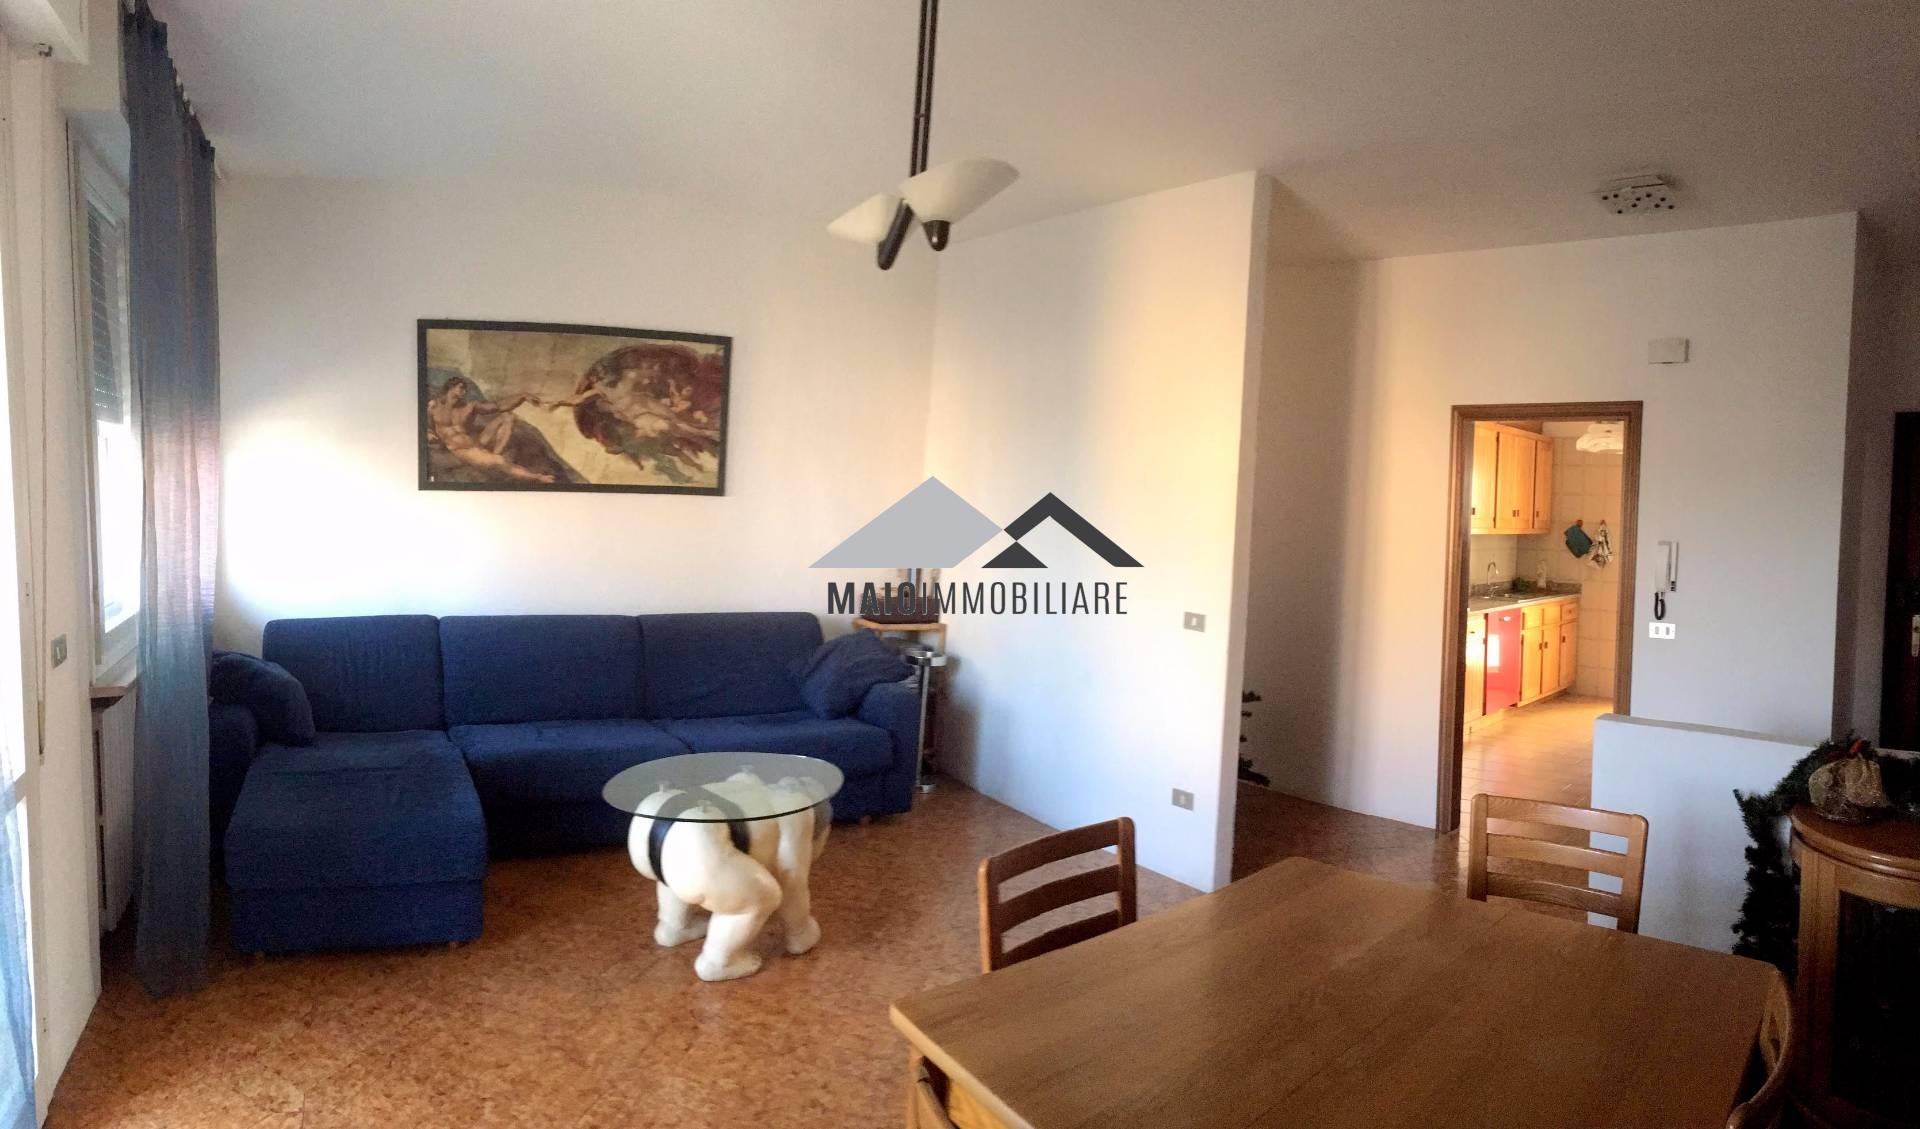 Appartamento in vendita a Riccione, 3 locali, zona Località: FONTANELLE, prezzo € 210.000 | Cambio Casa.it